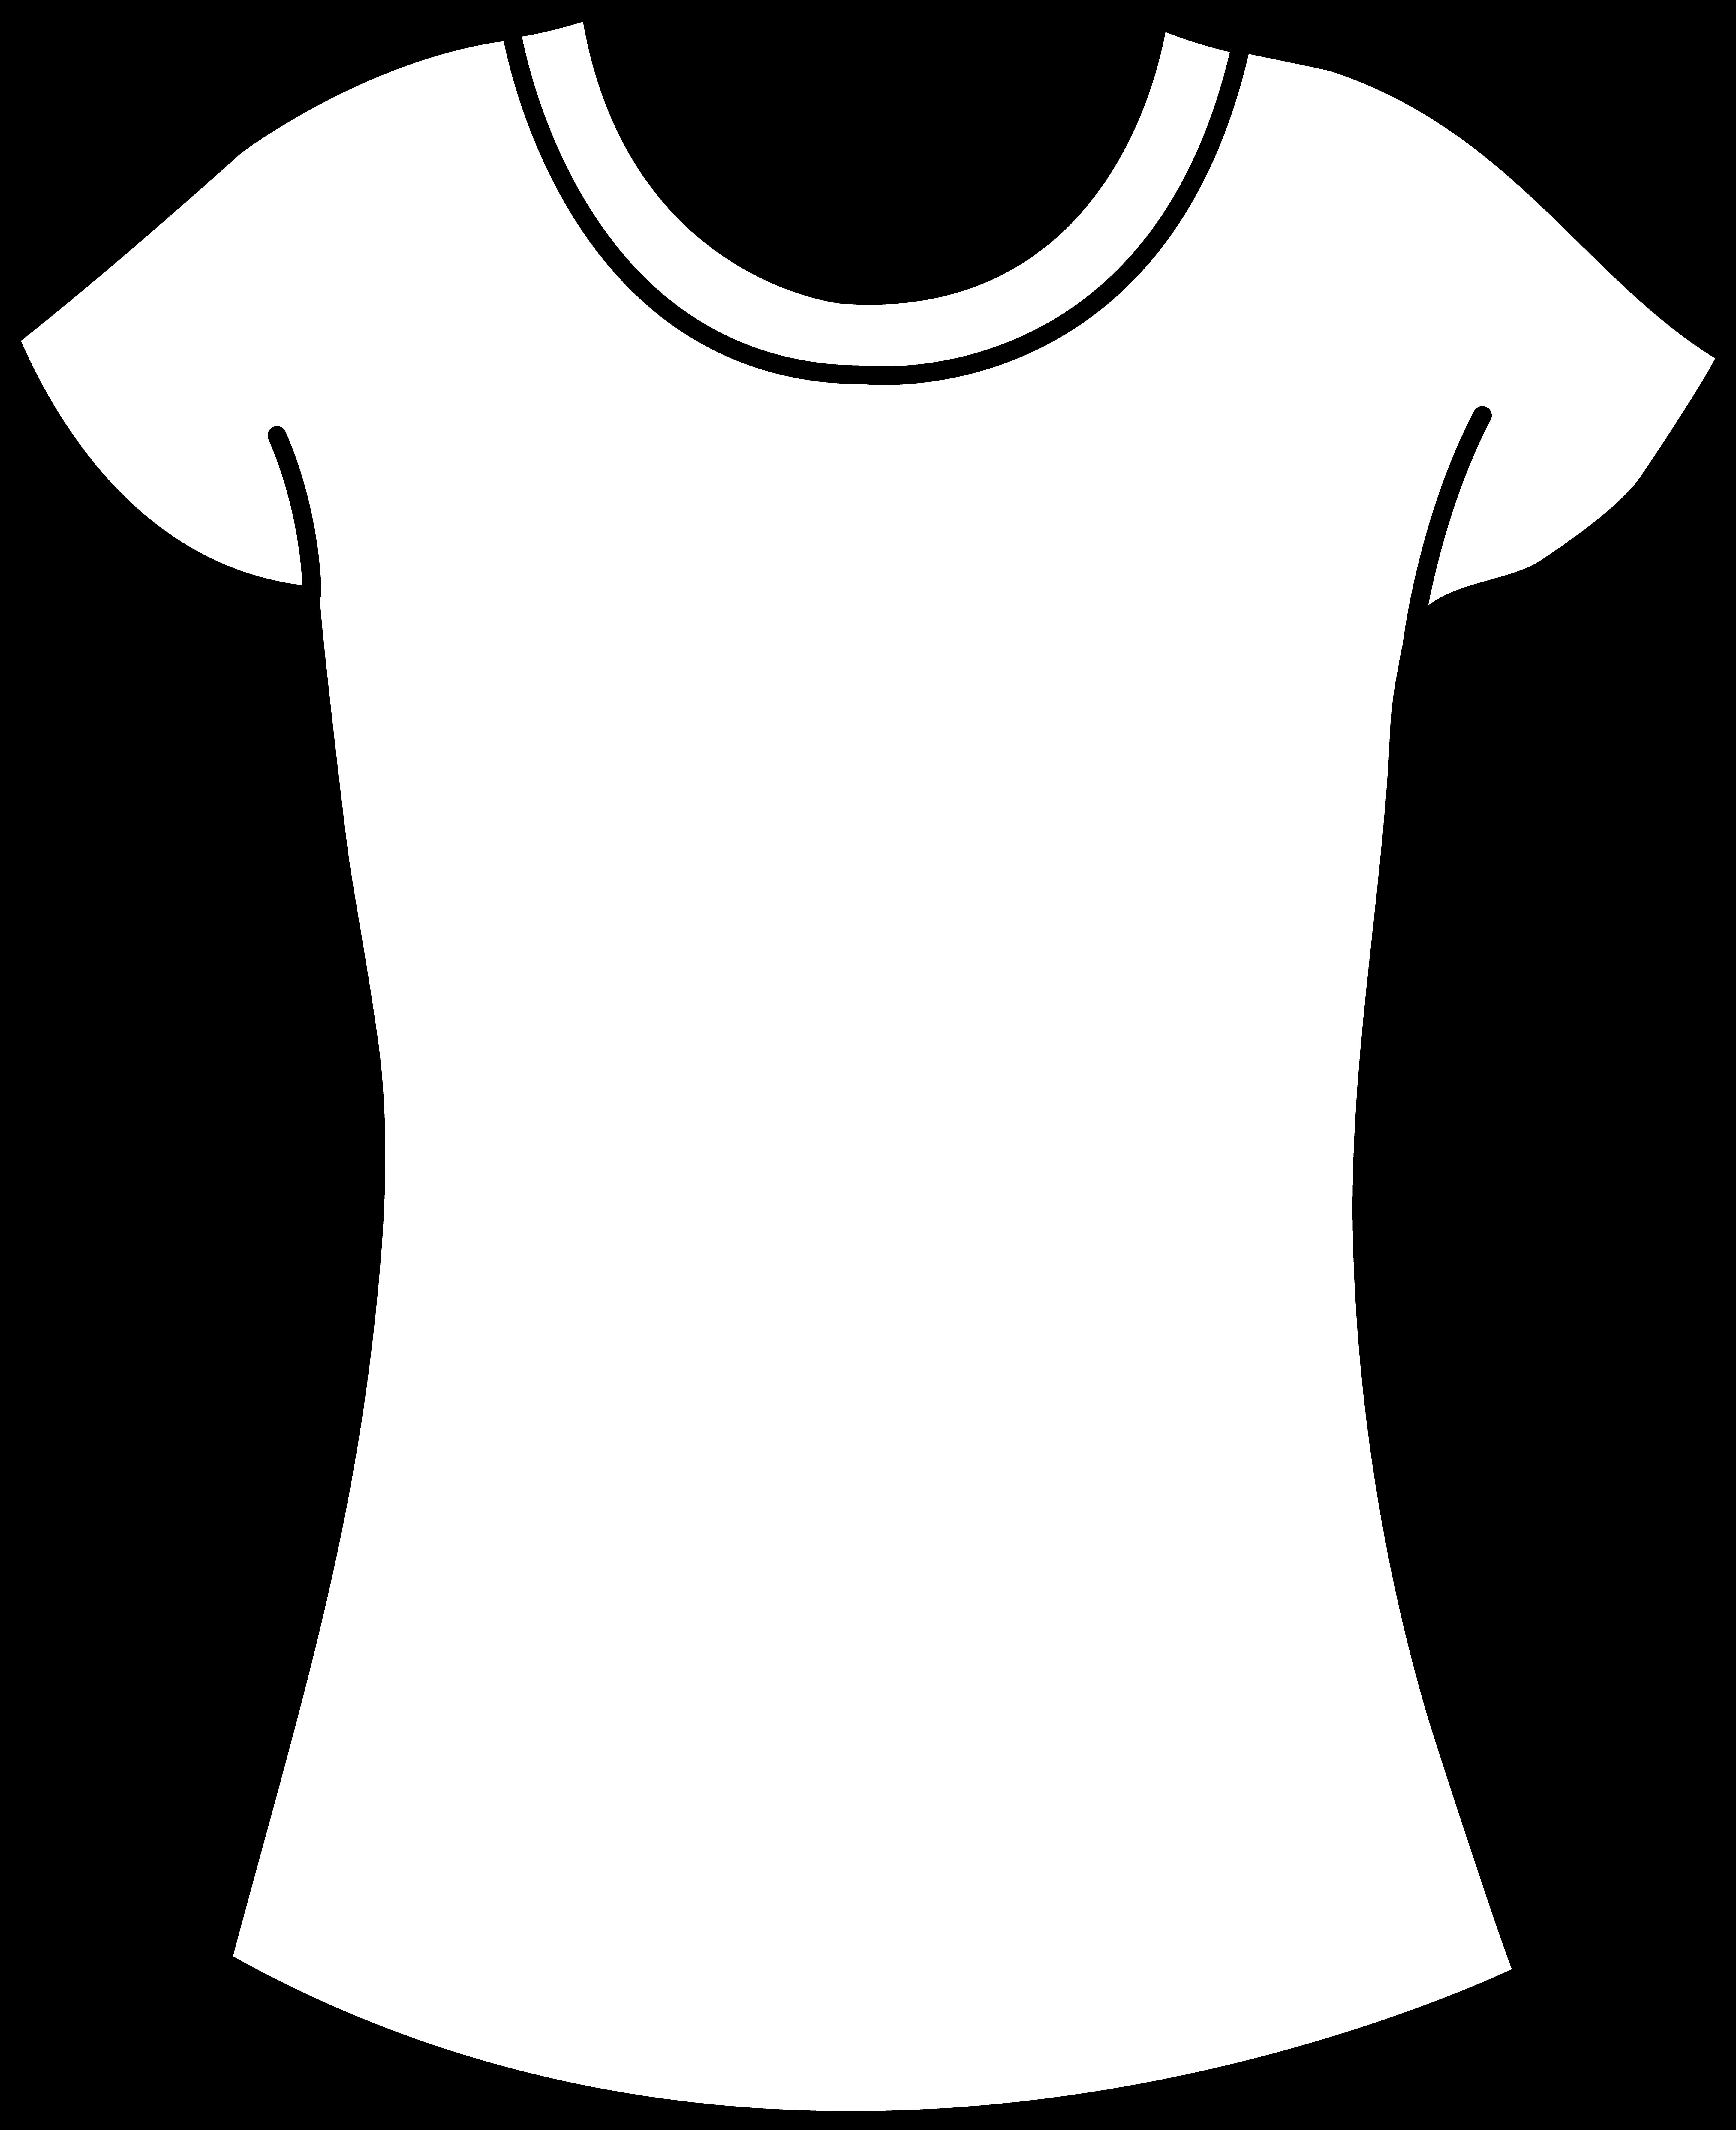 Clipart shirt top. Womens t blank template